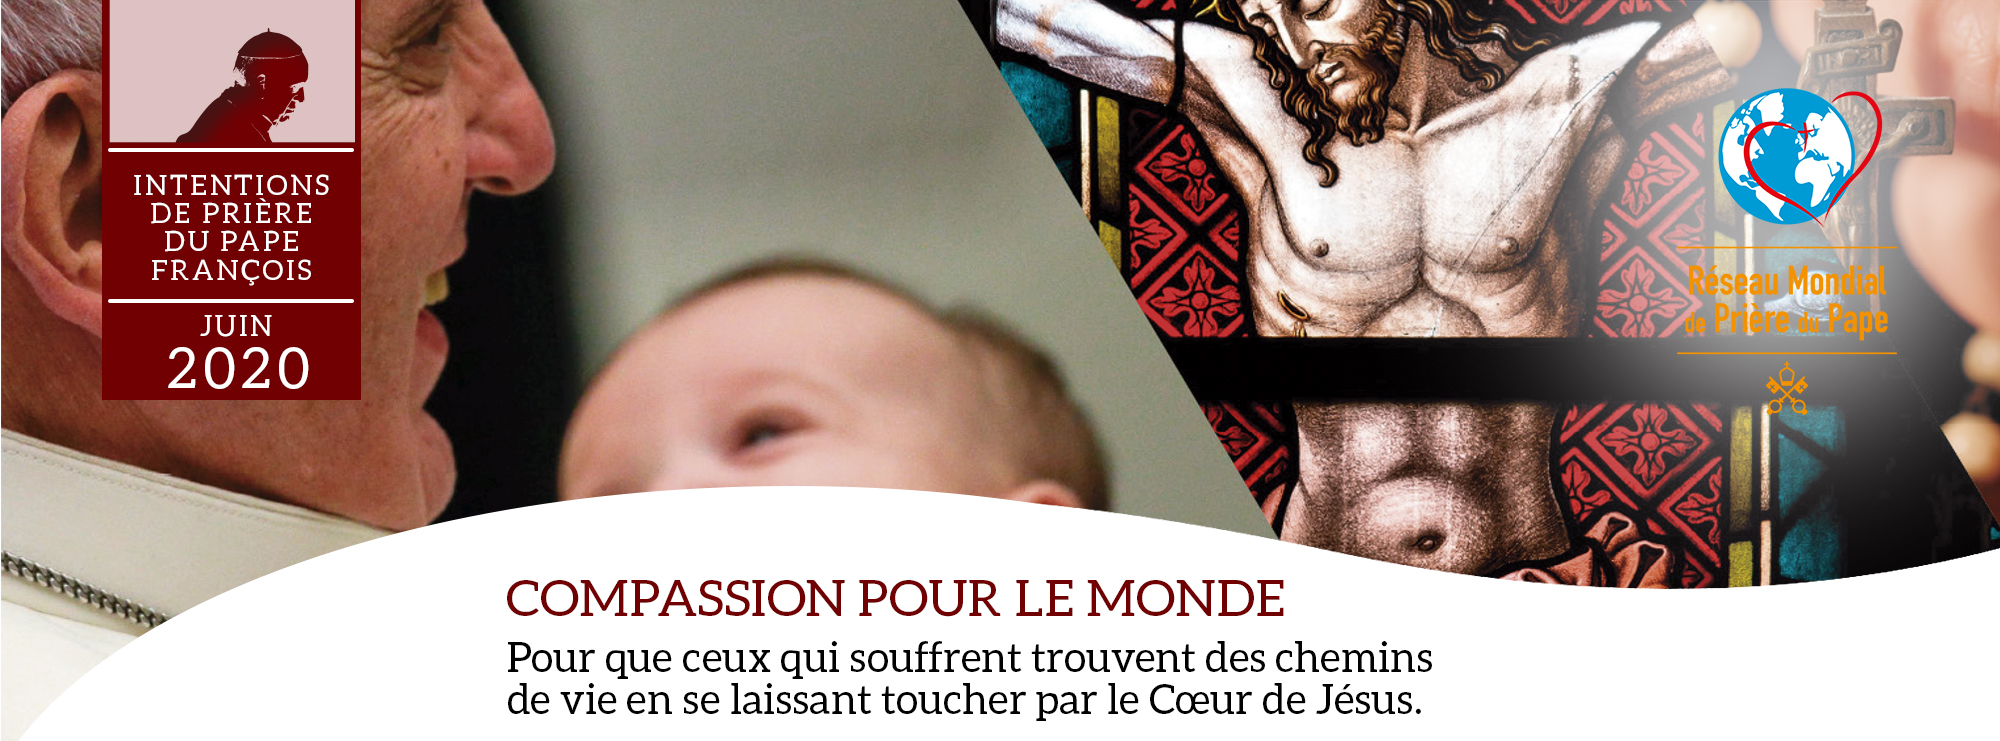 compassion pour le monde intentions de priere du pape juin